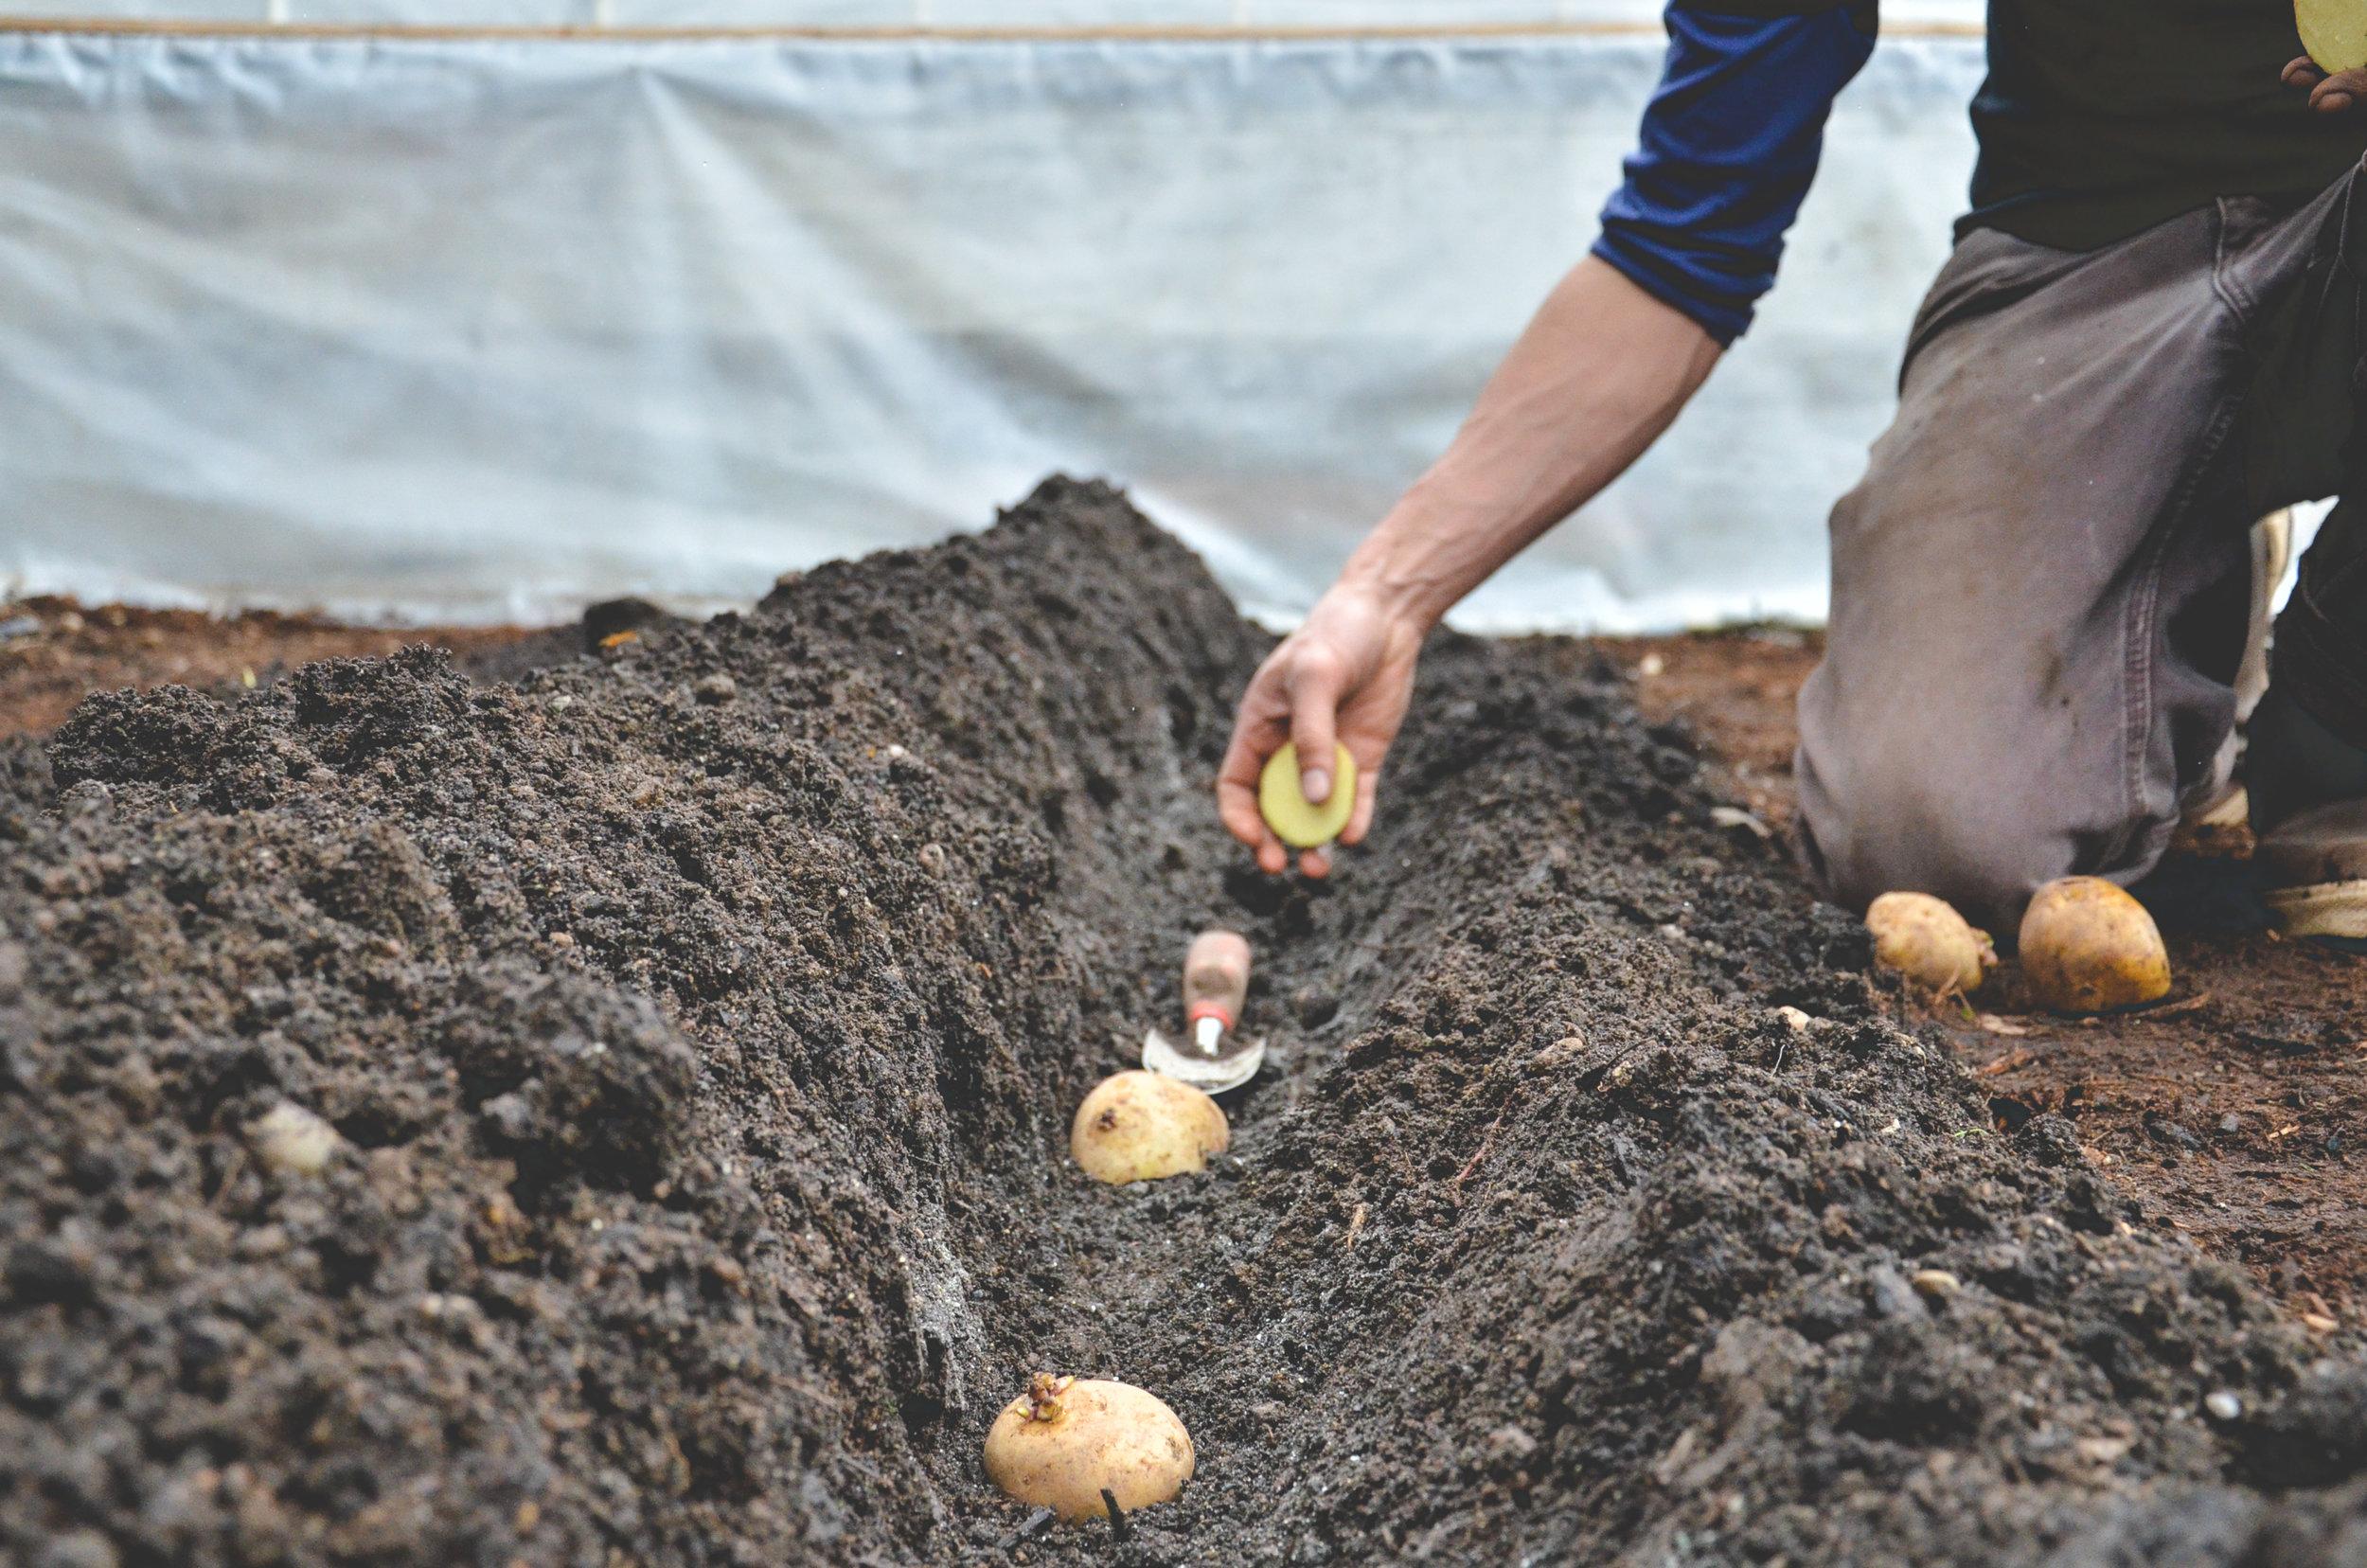 Planting Potatoes_Seattle Urban Farm Co.